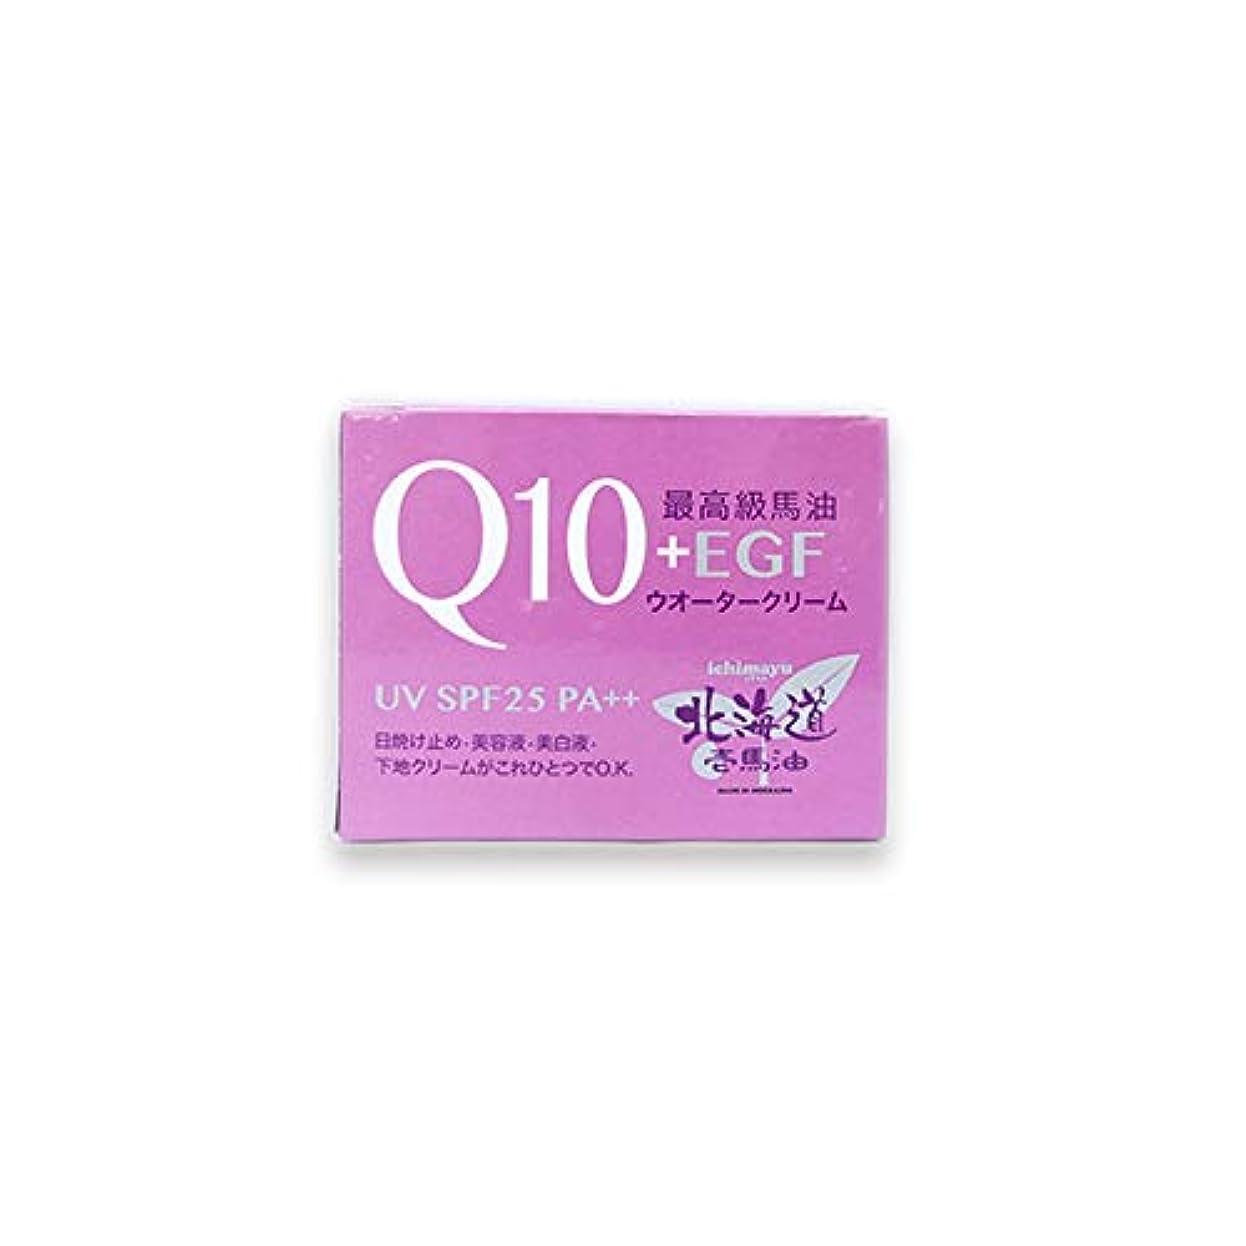 ファセット編集者にんじん北海道壱馬油Q10+EGFウオータークリームUV SPF25 PA++80g